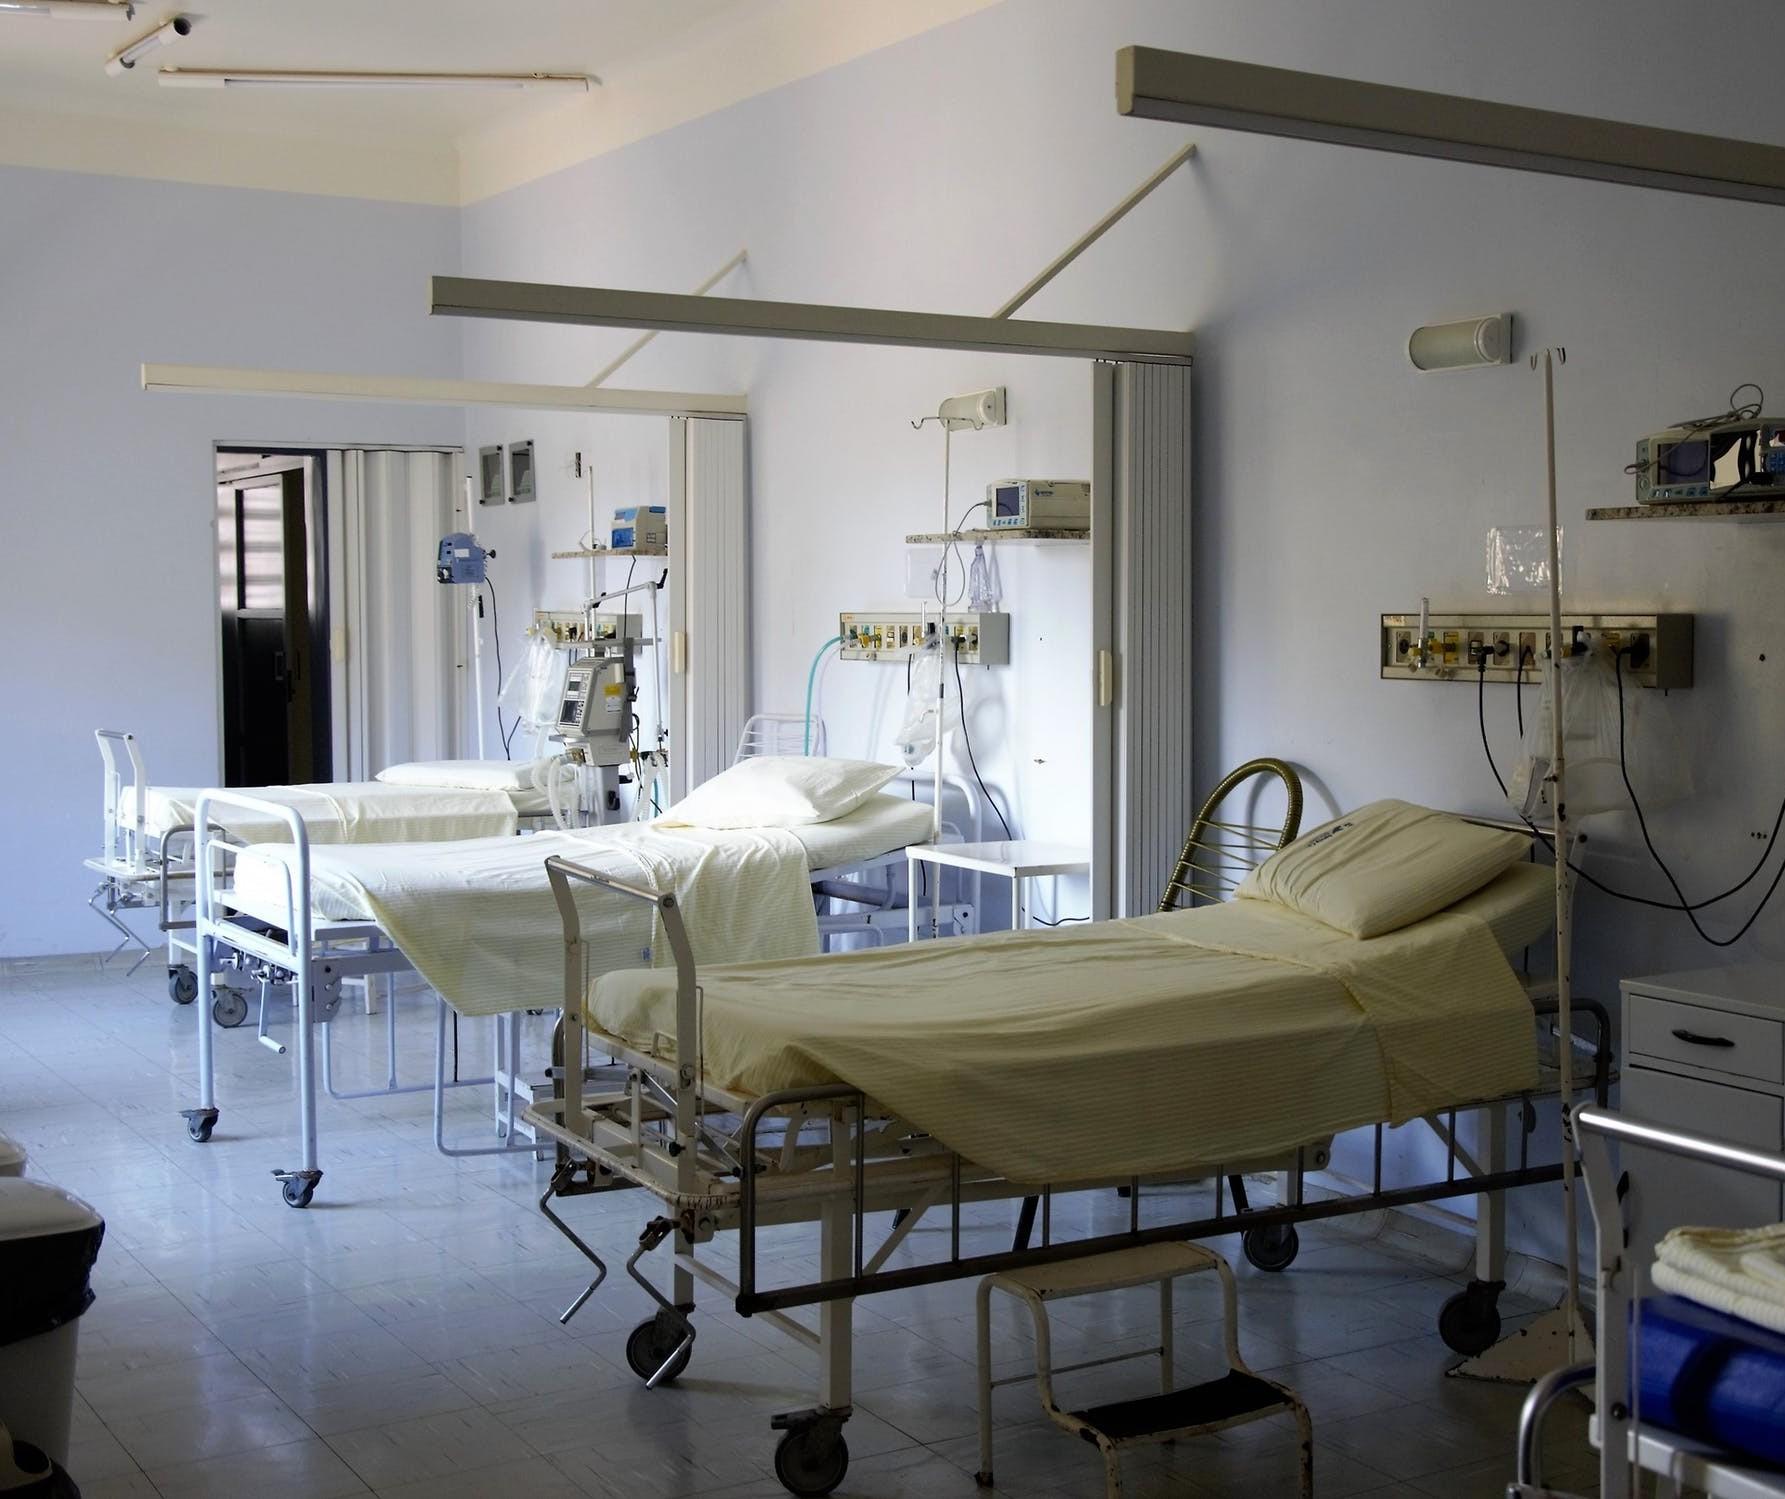 Diferença entre o sistema de saúde brasileiro e o norte-americano